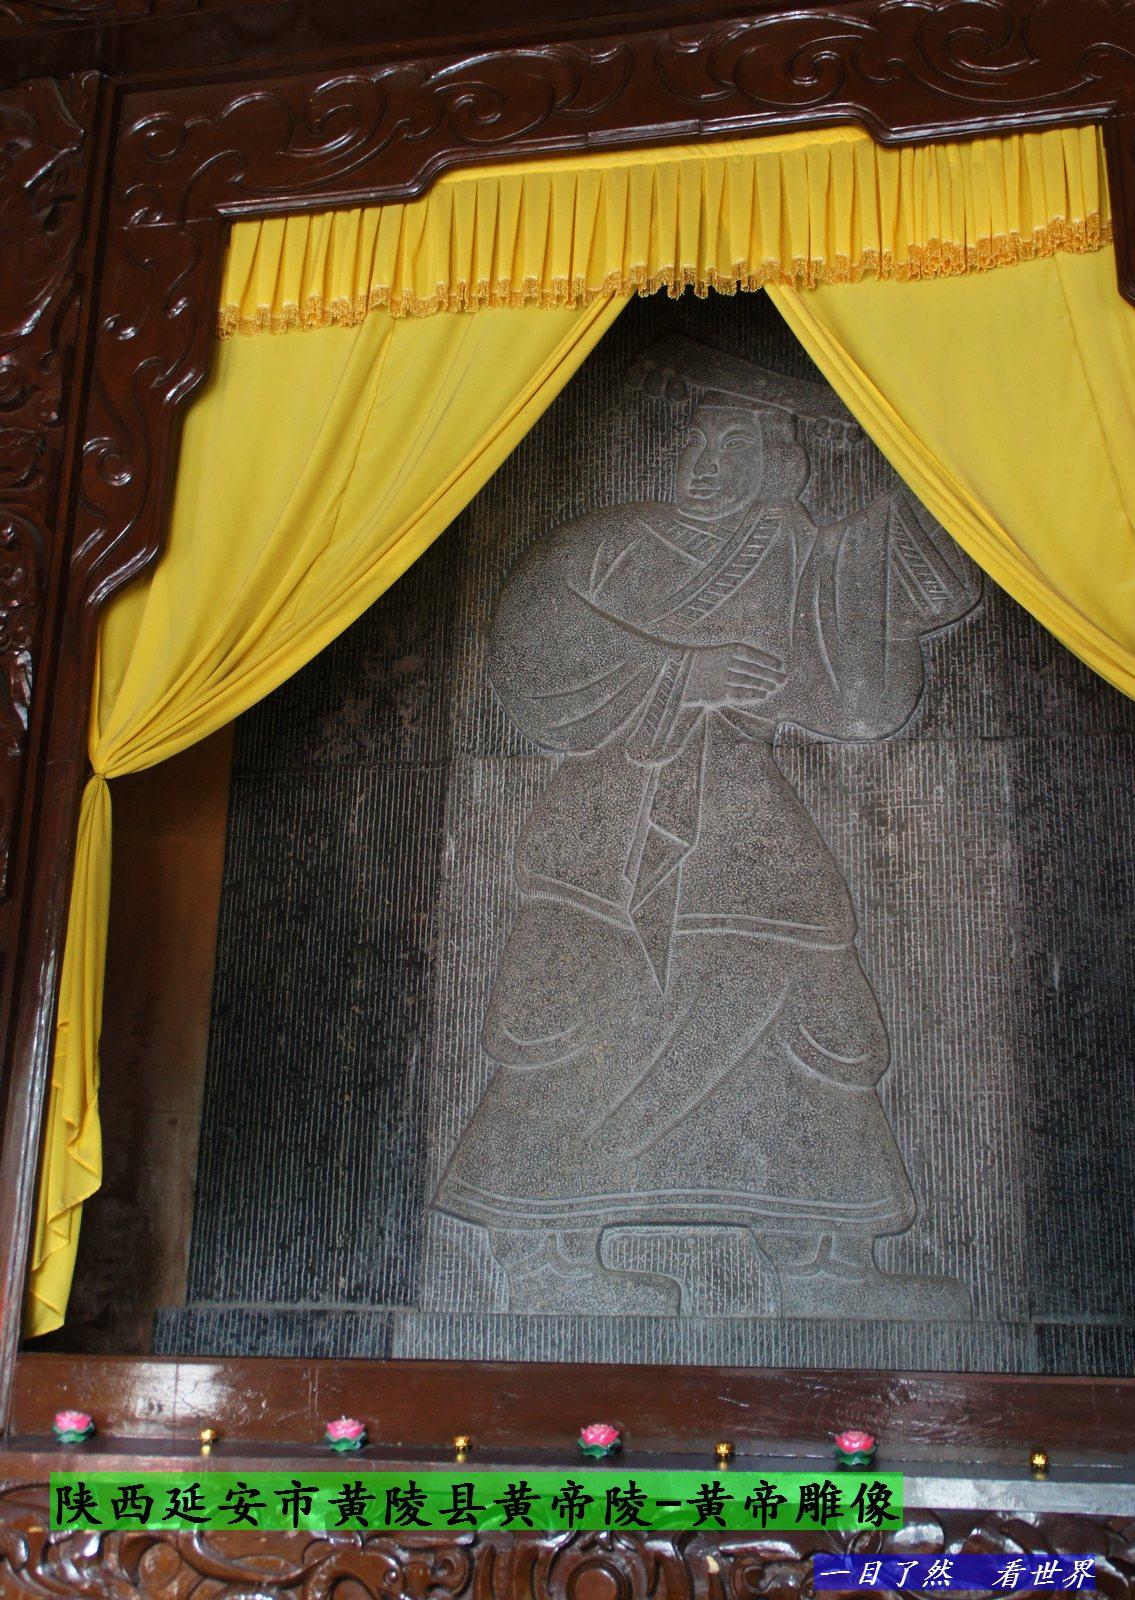 黄帝陵景区-黄帝雕像-46-1600.jpg